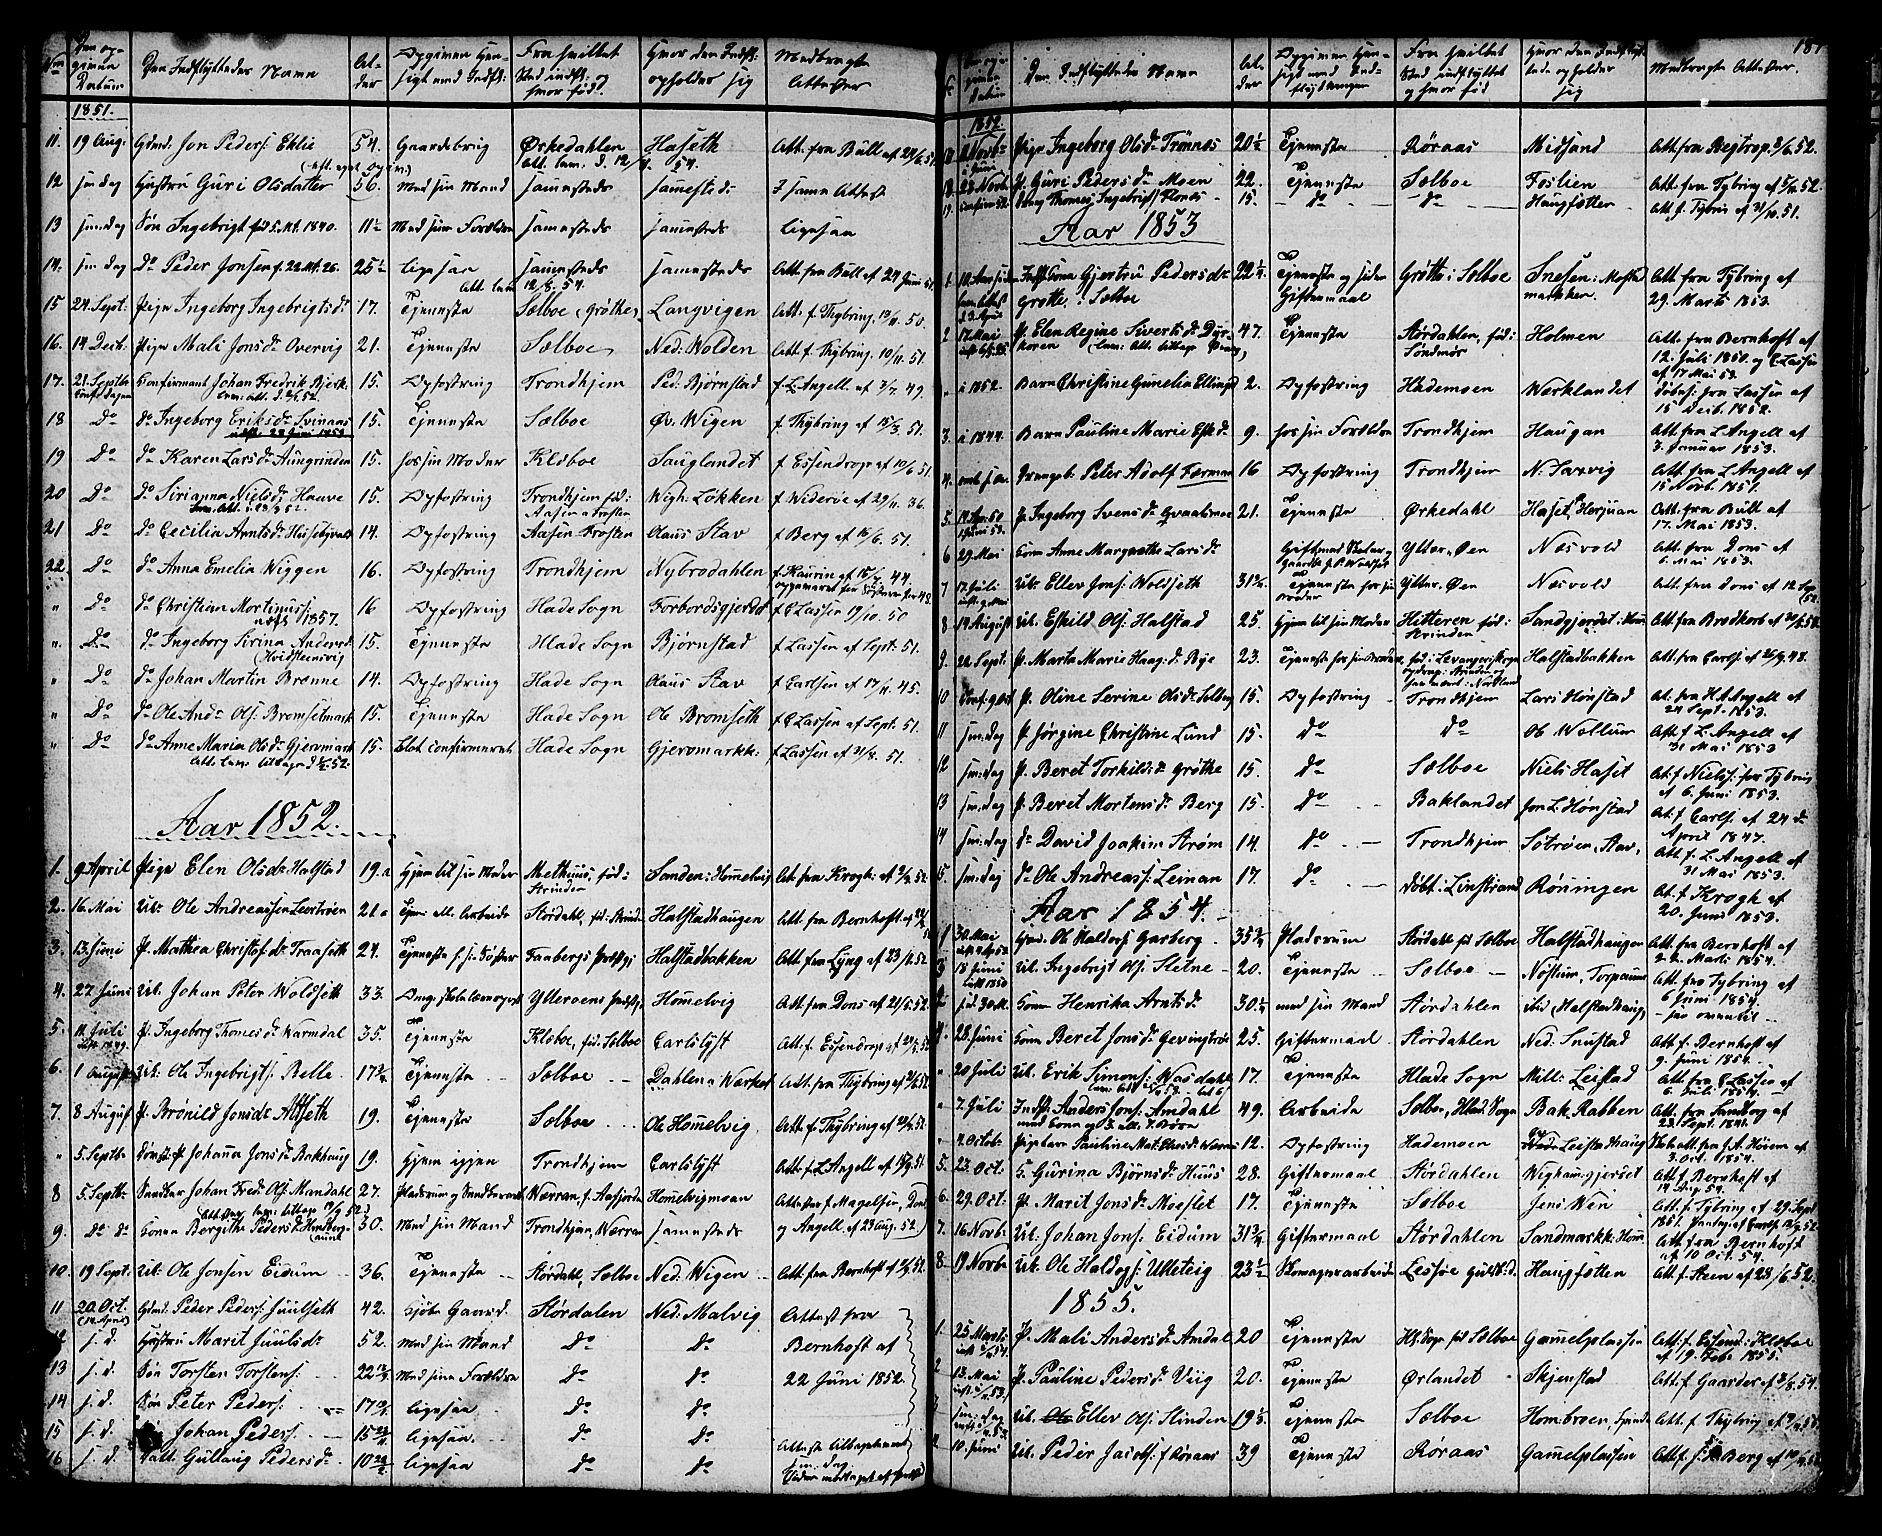 SAT, Ministerialprotokoller, klokkerbøker og fødselsregistre - Sør-Trøndelag, 616/L0422: Klokkerbok nr. 616C05, 1850-1888, s. 187